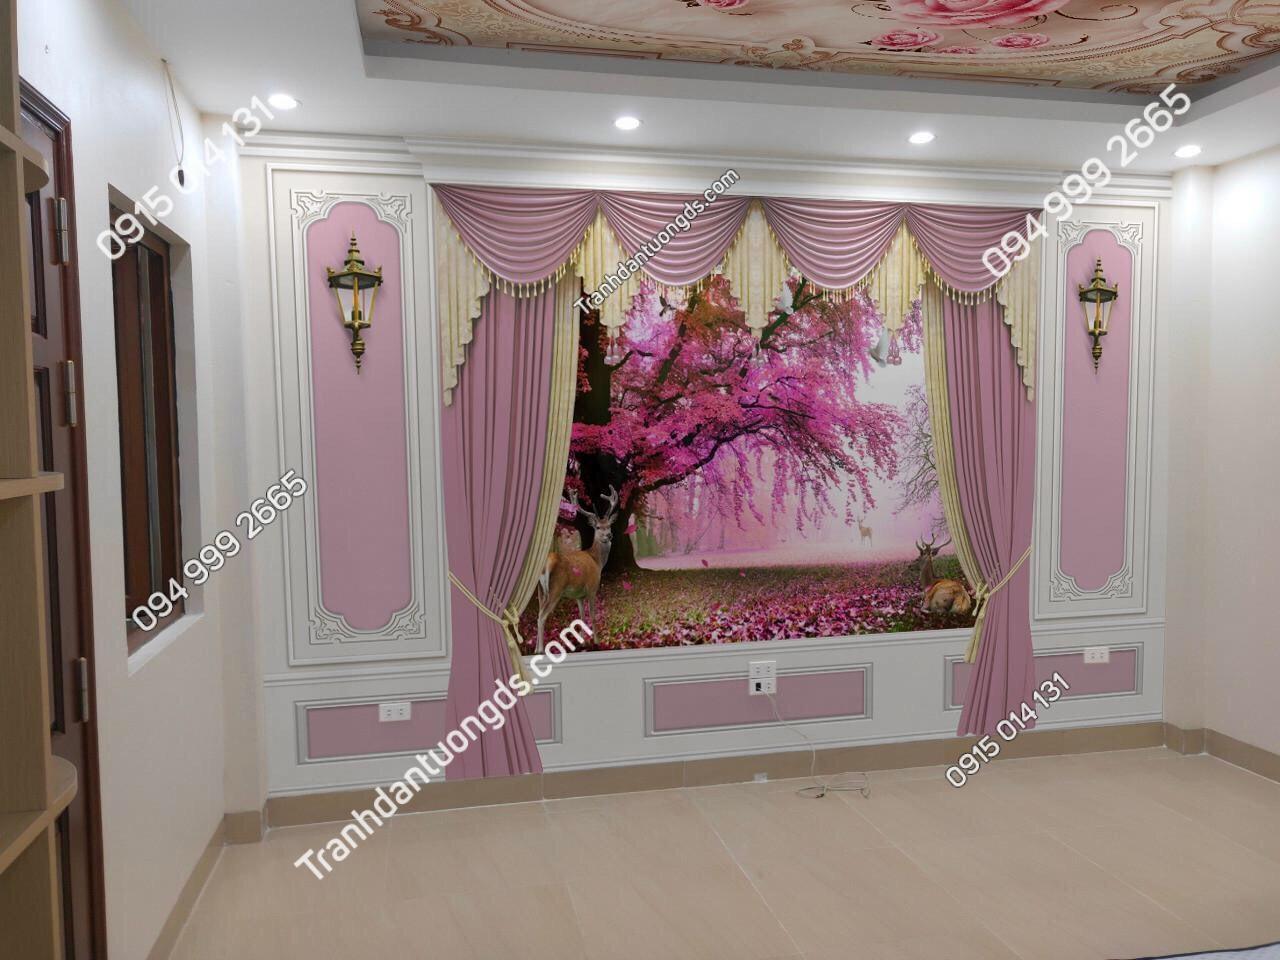 Tranh giả rèm màu hồng cho phòng ngủ